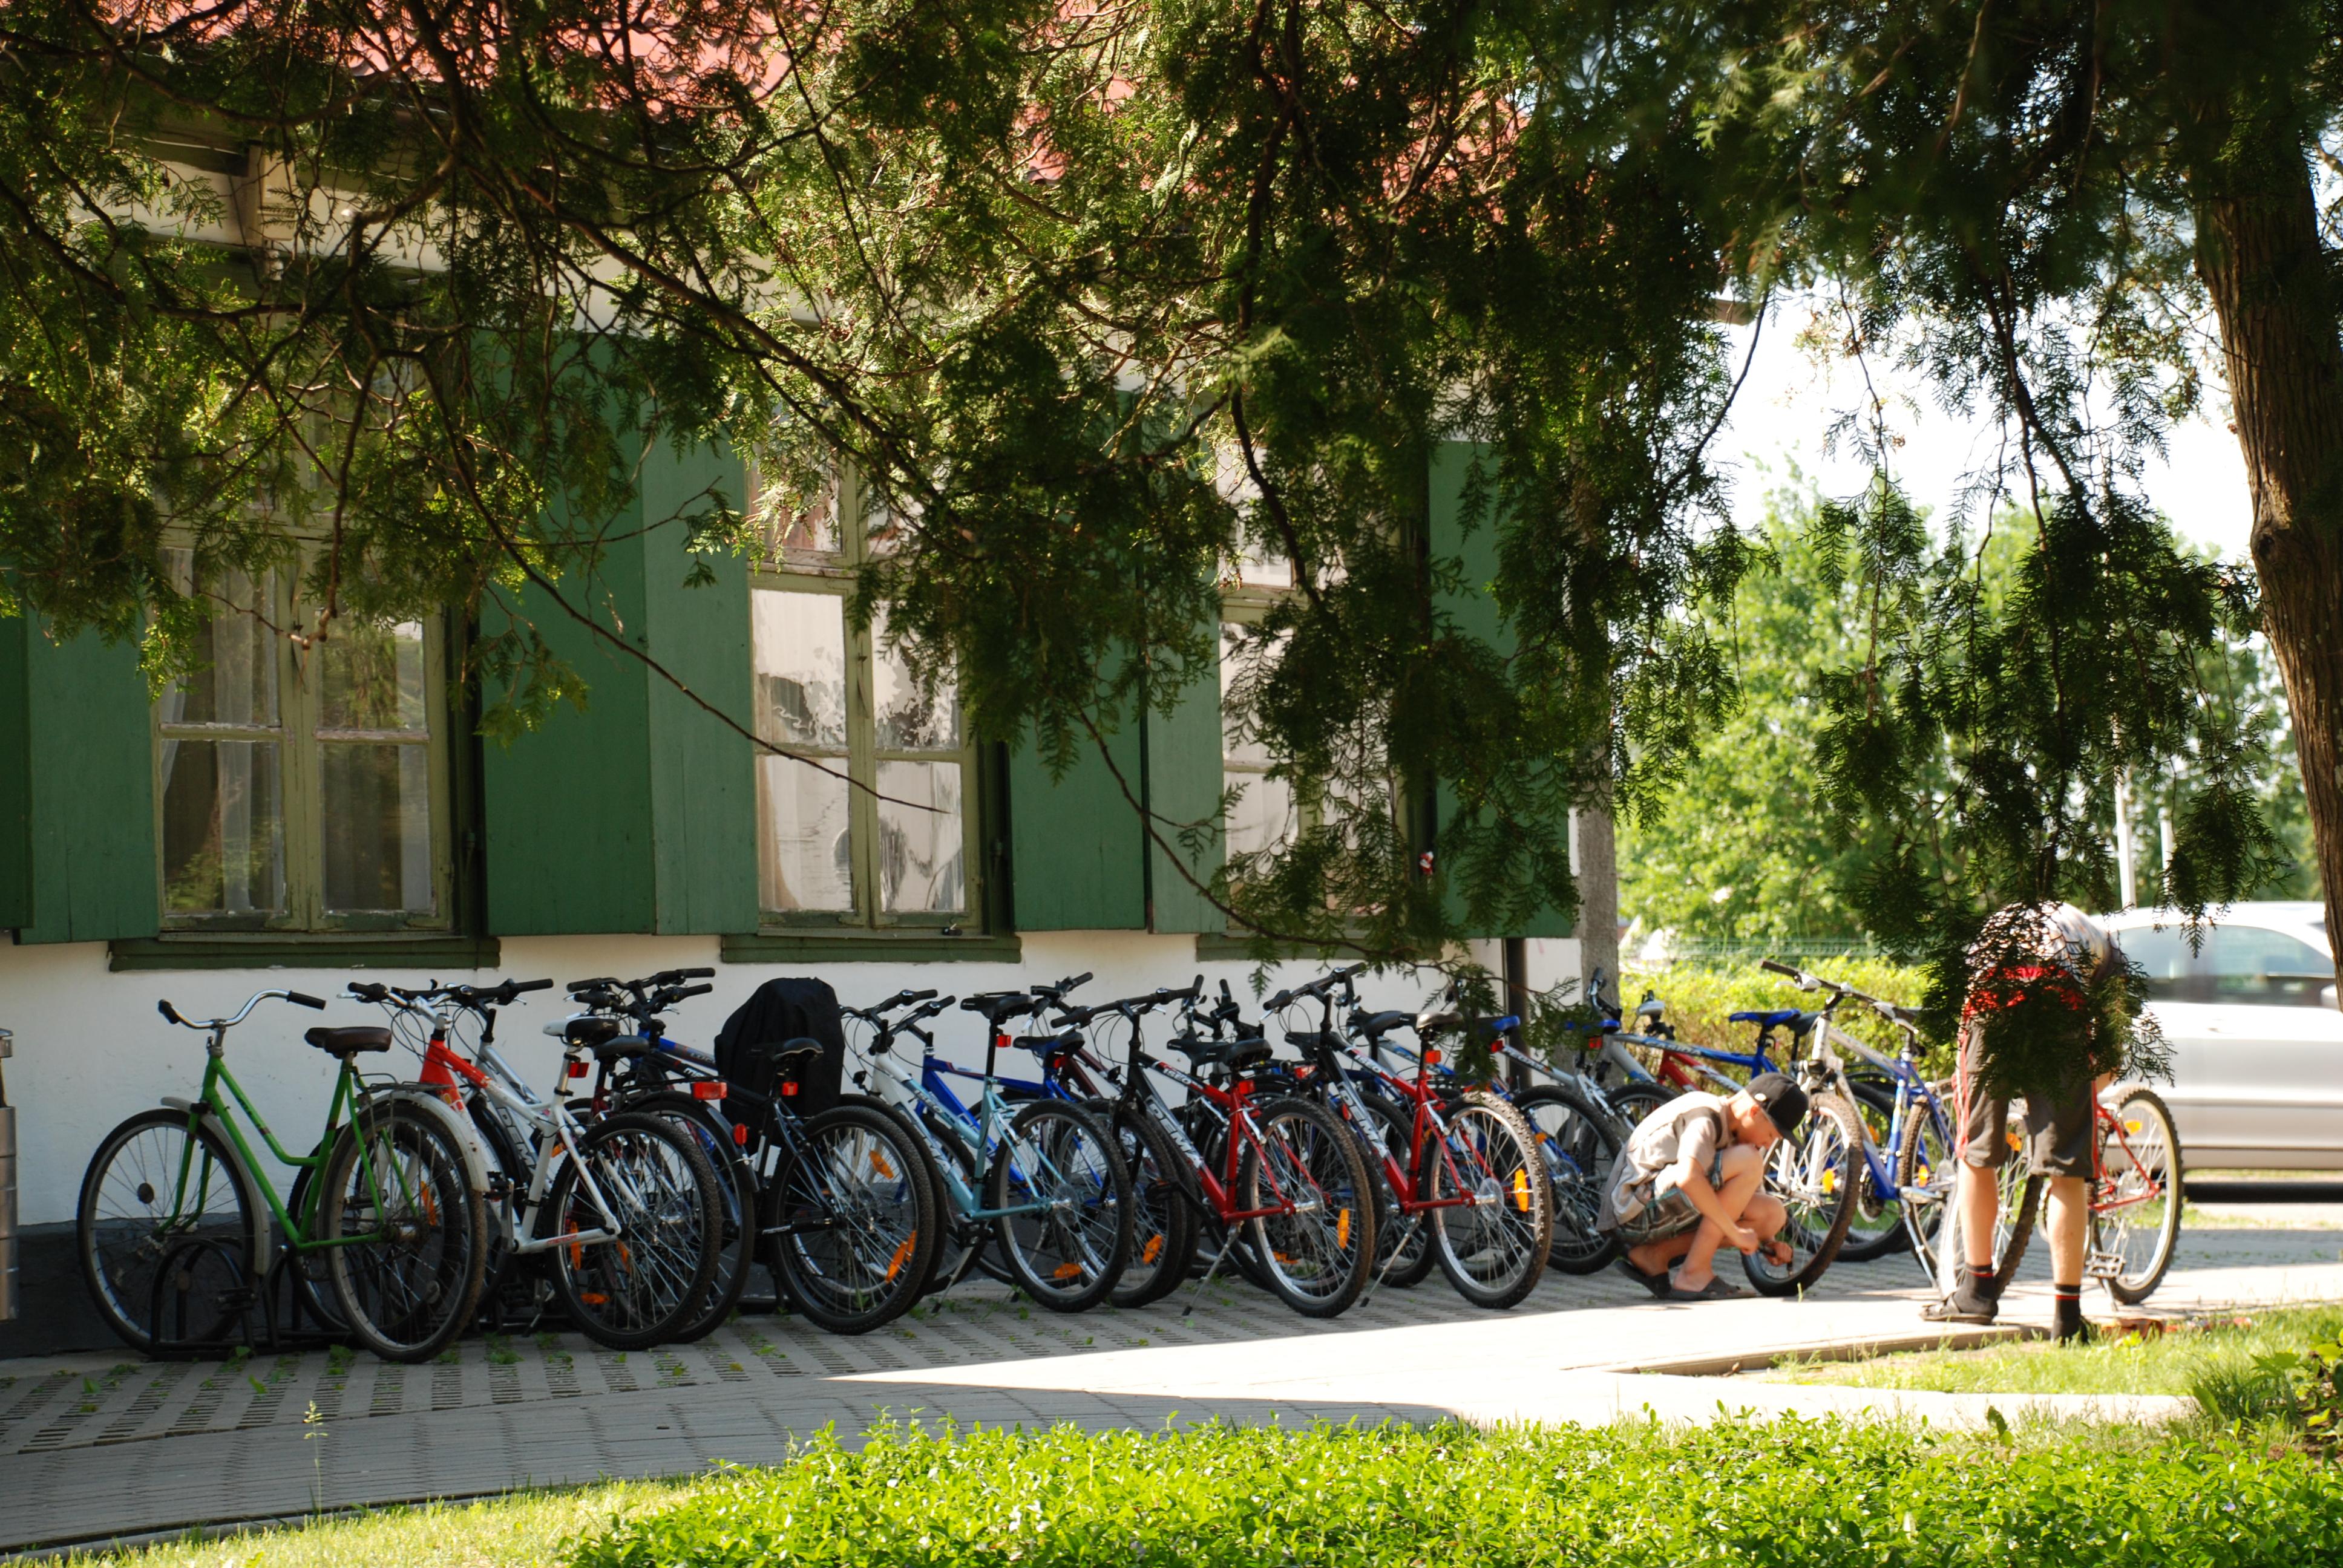 Fotogrāfijā ir attēlots Dienas centrs. Pie tā ir novietotu daudz velosipēdi. Ir vasara. Divi cilvēki pārbauda velosipēdus.